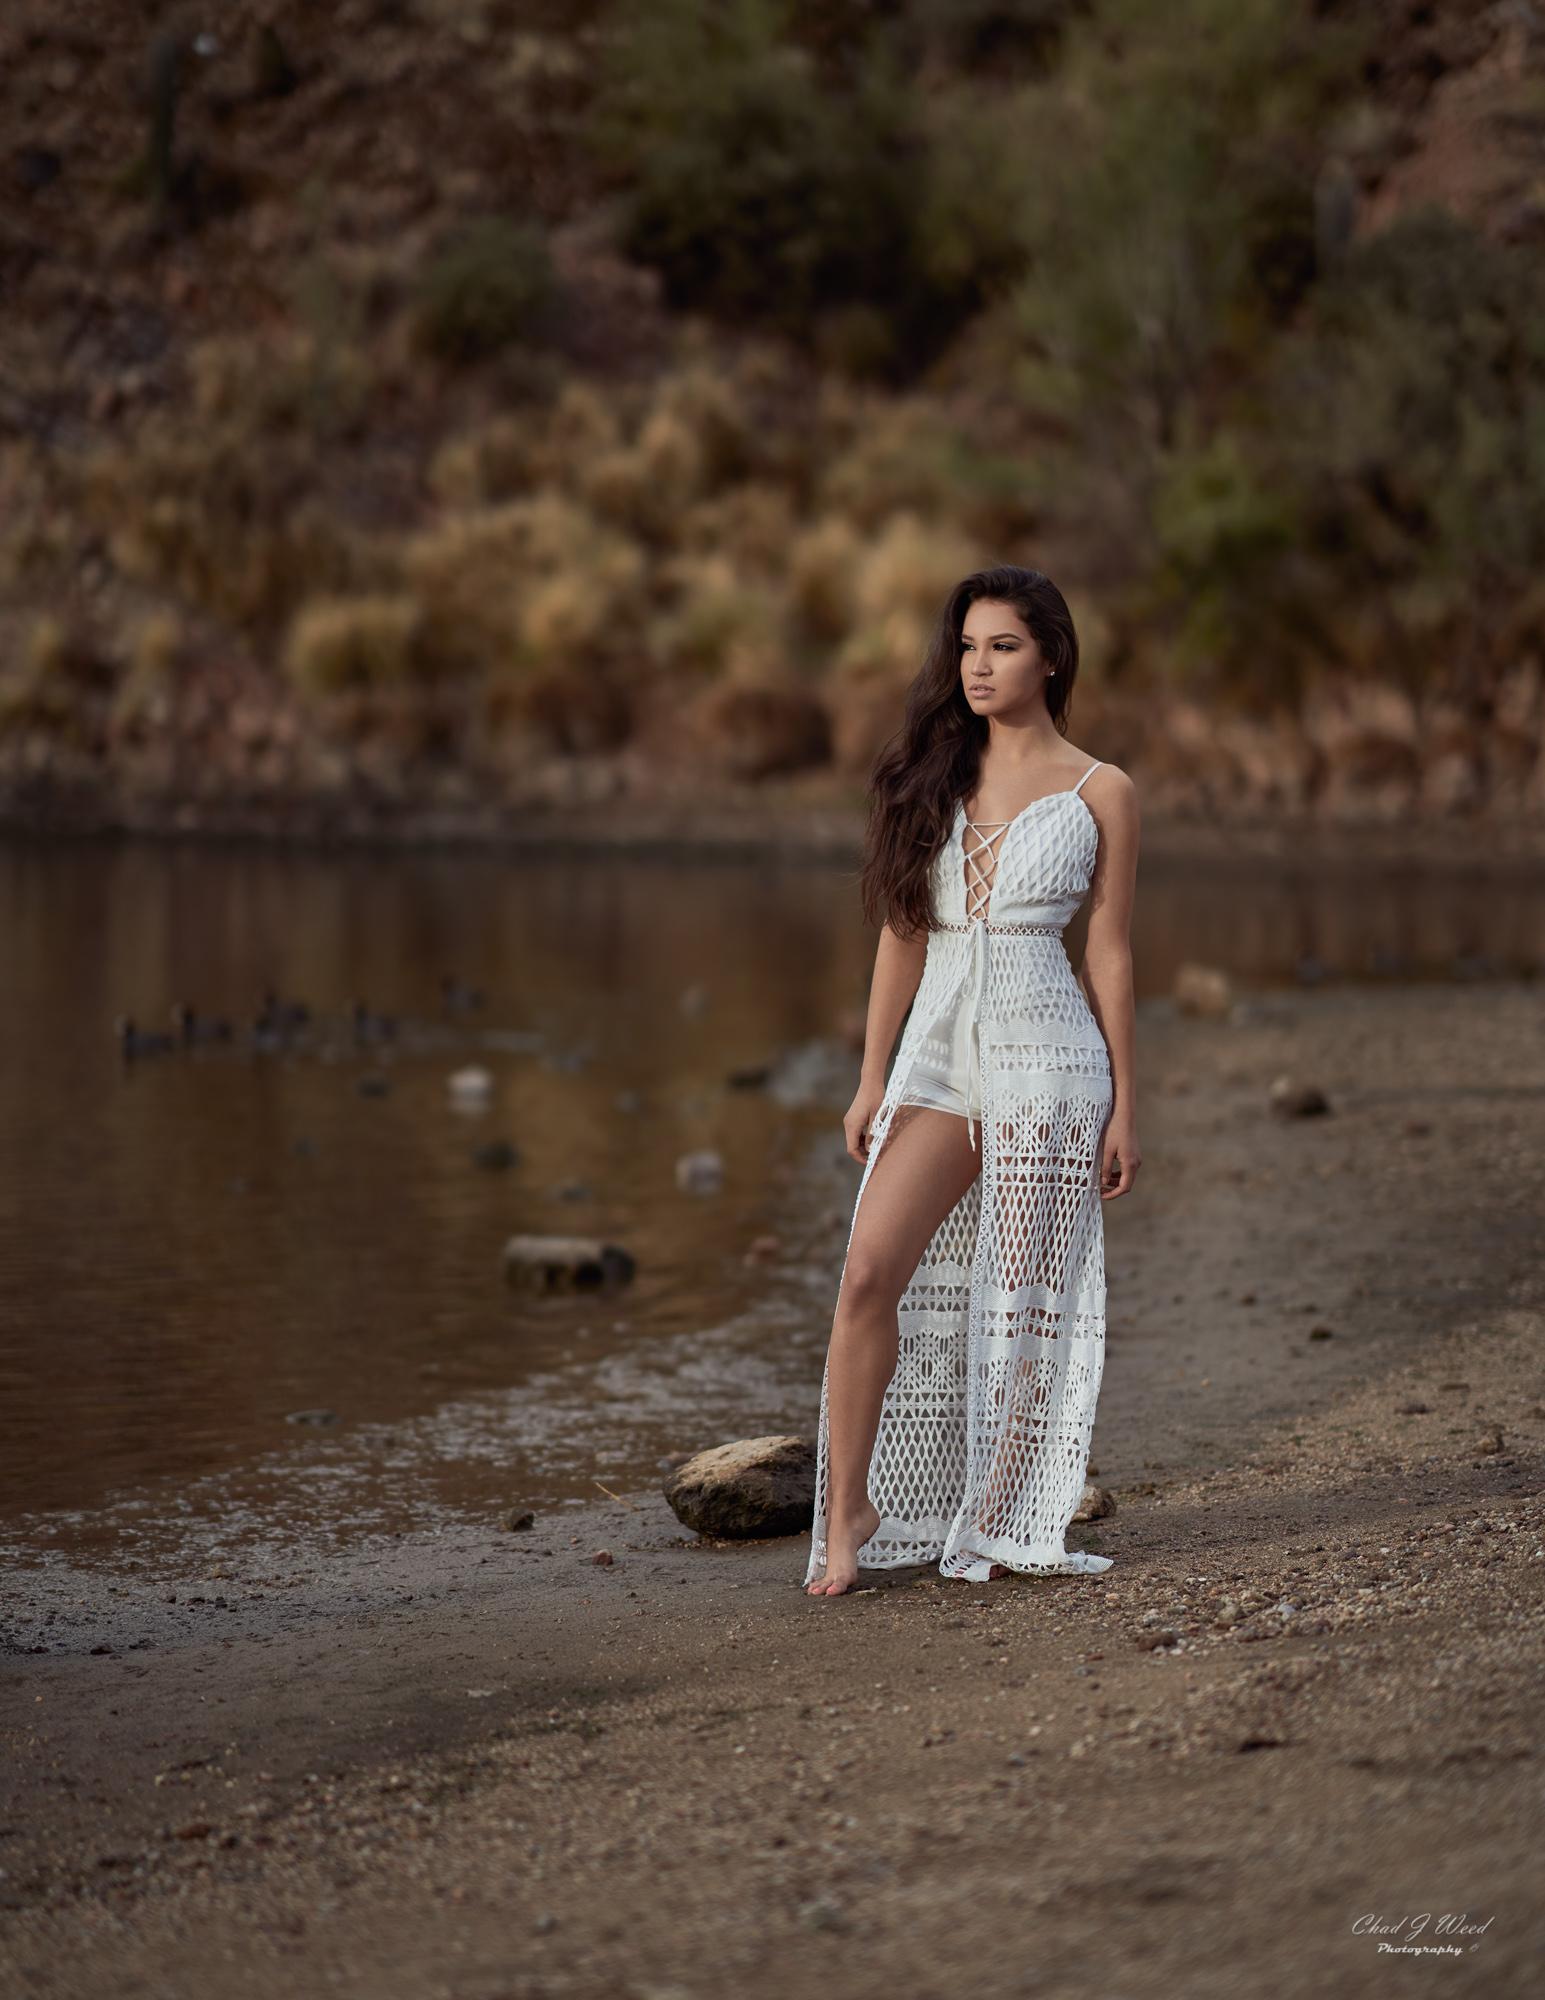 Zari Fashion at Saguaro Lake by Arizona Portrait Photographer Chad Weed